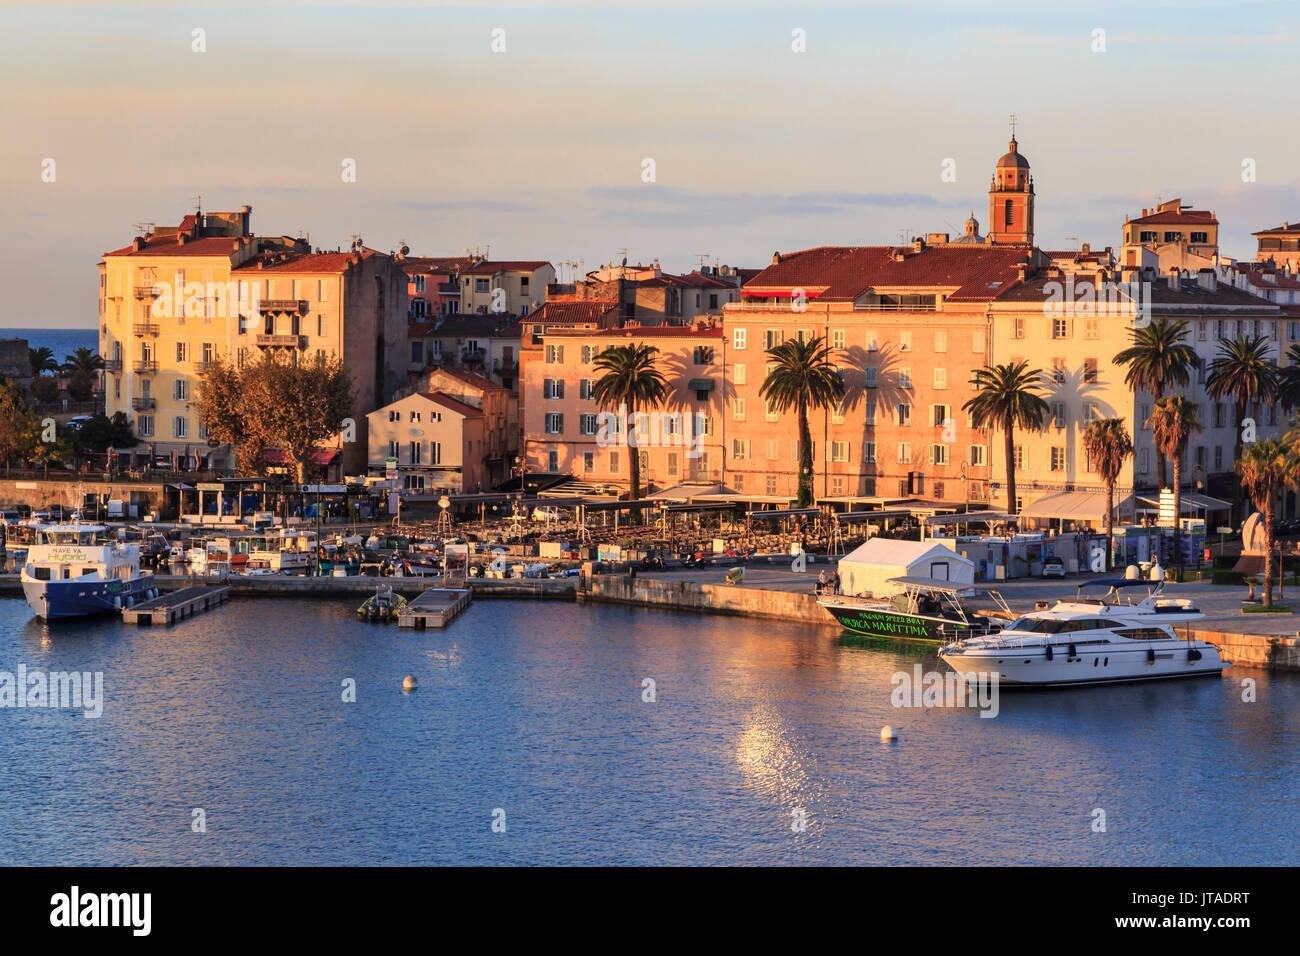 Ajaccio waterfront al amanecer, desde el mar, la isla de Córcega, el Mediterráneo, Francia, Mediterráneo, Europa Imagen De Stock